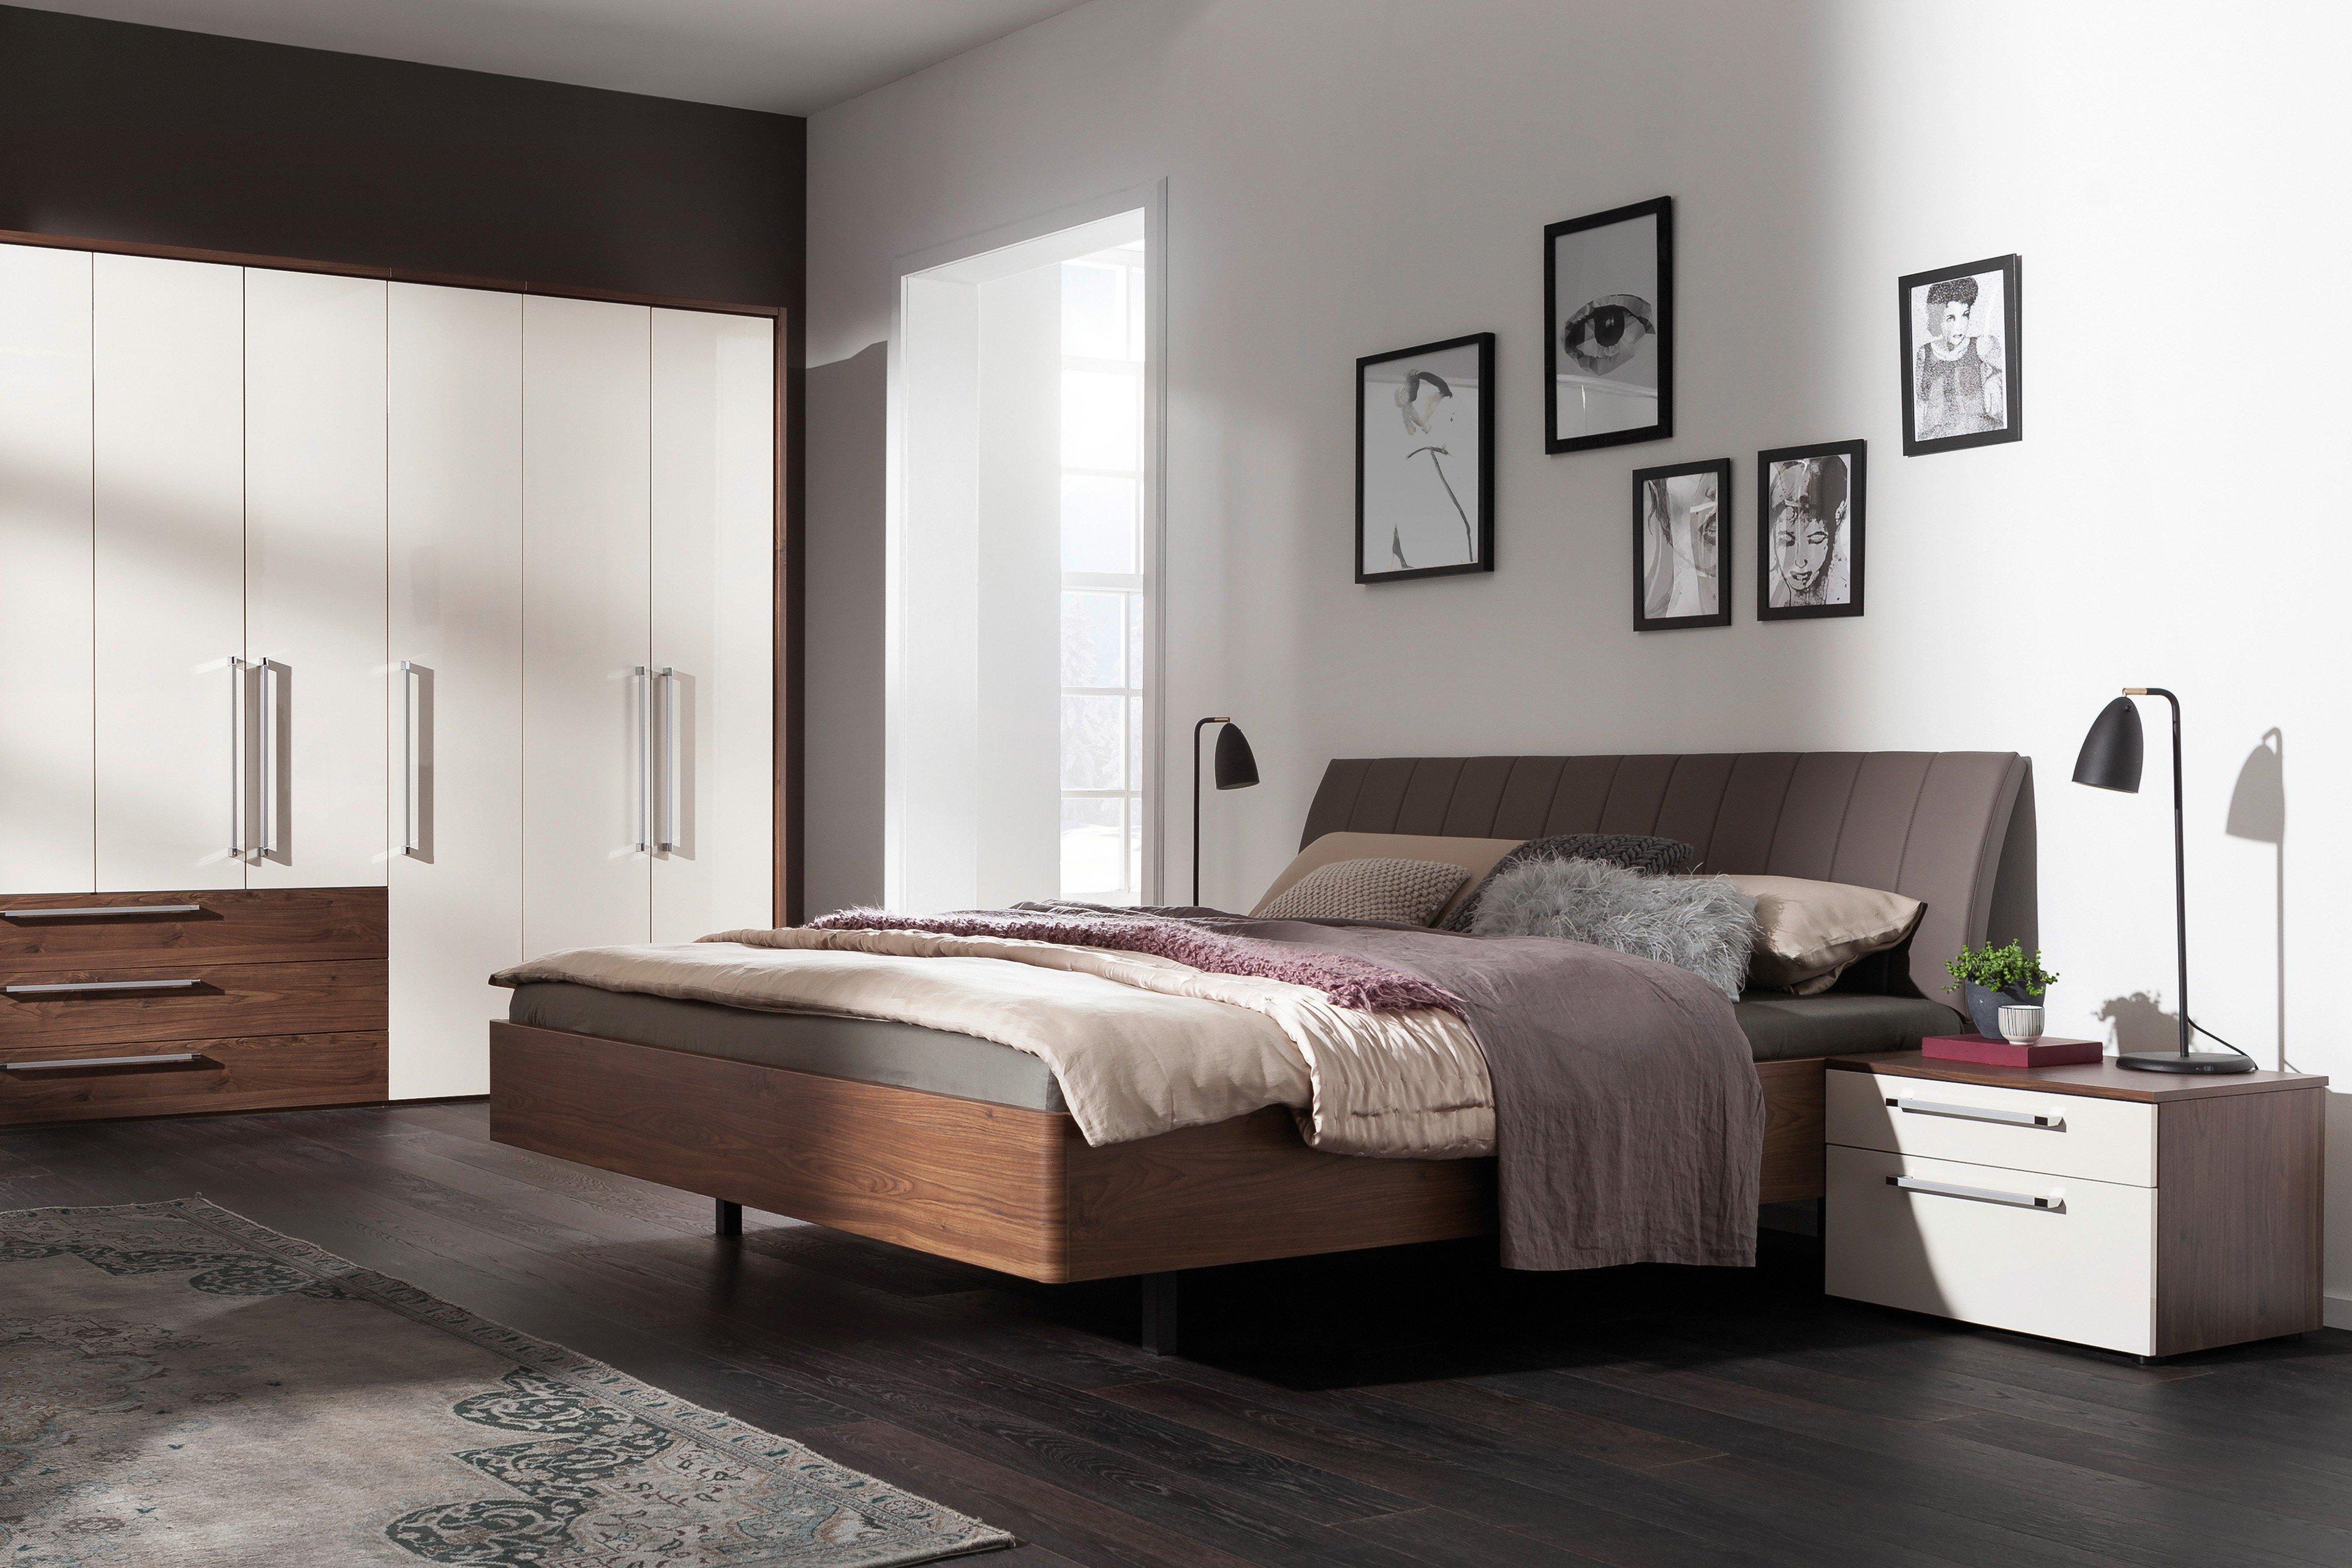 Nolte Möbel Bett Sonyo Nussbaum-samtbraun | Möbel Letz - Ihr Online-Shop